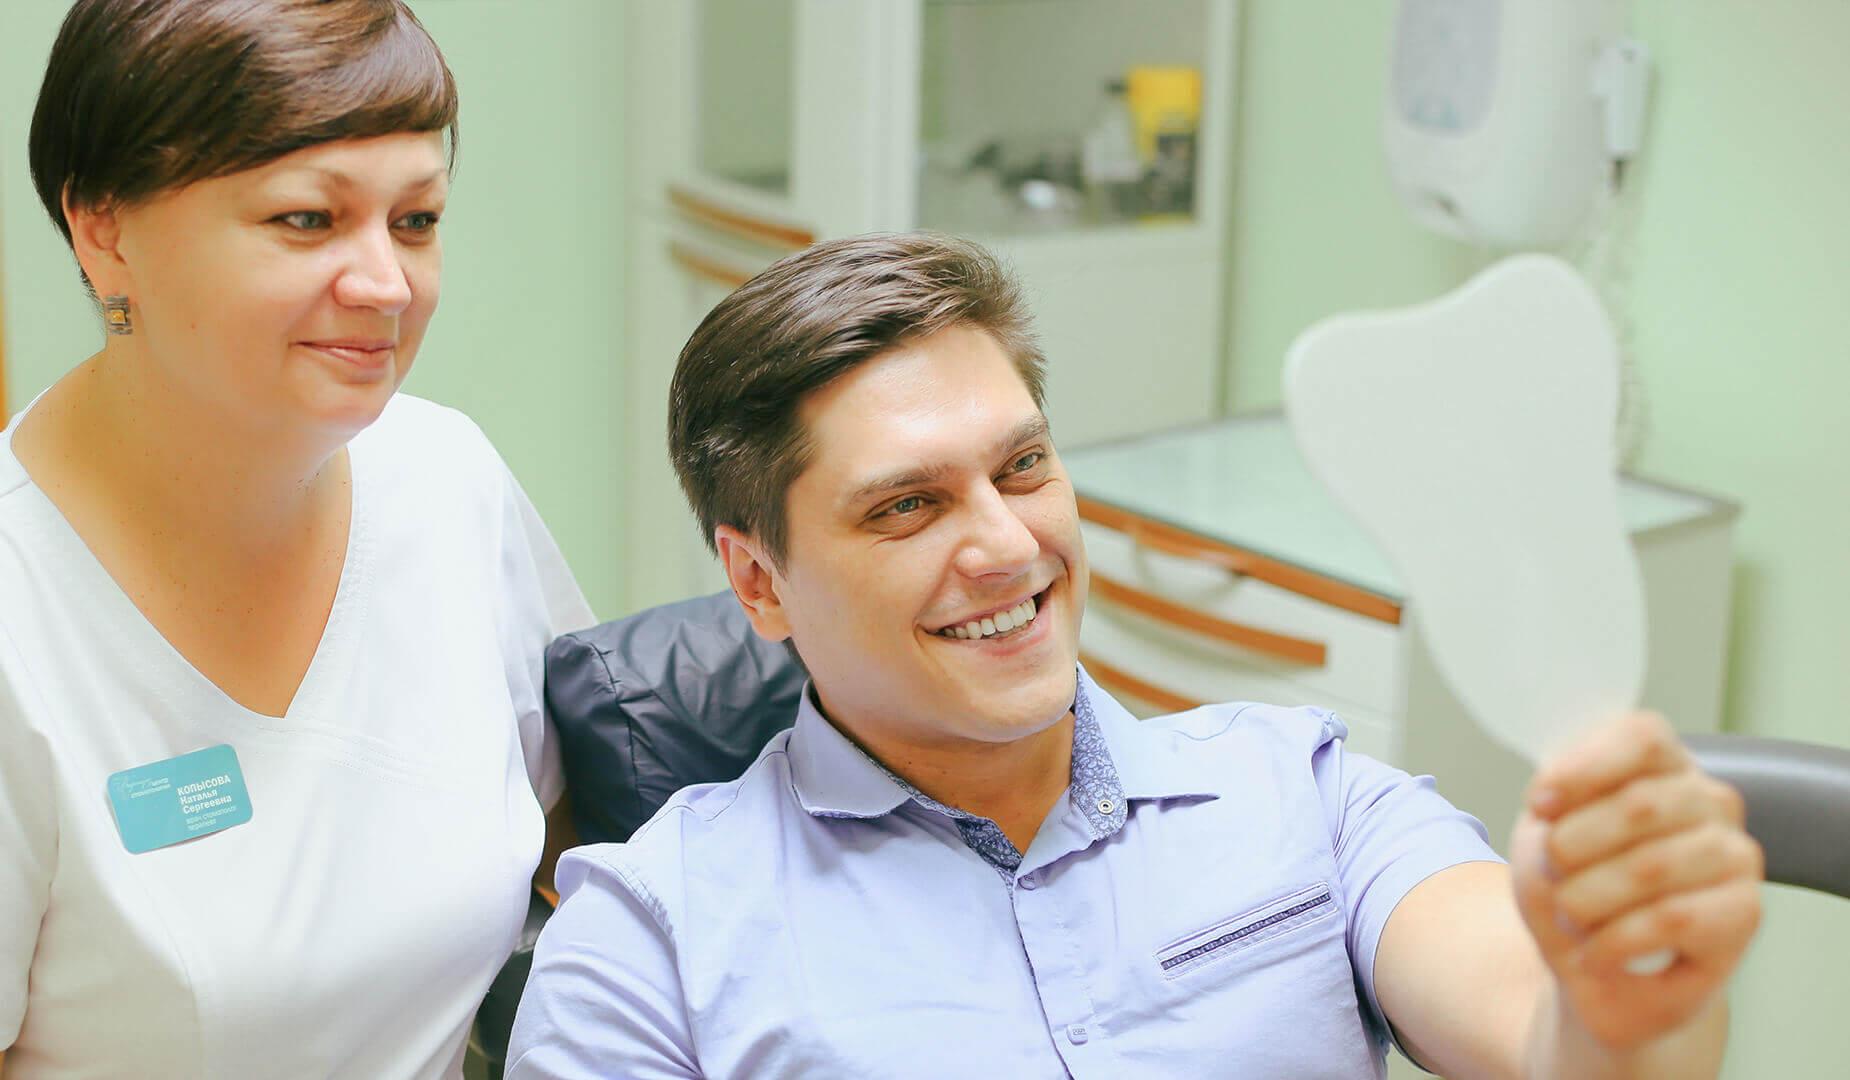 Пациент оценивает результаты лечения